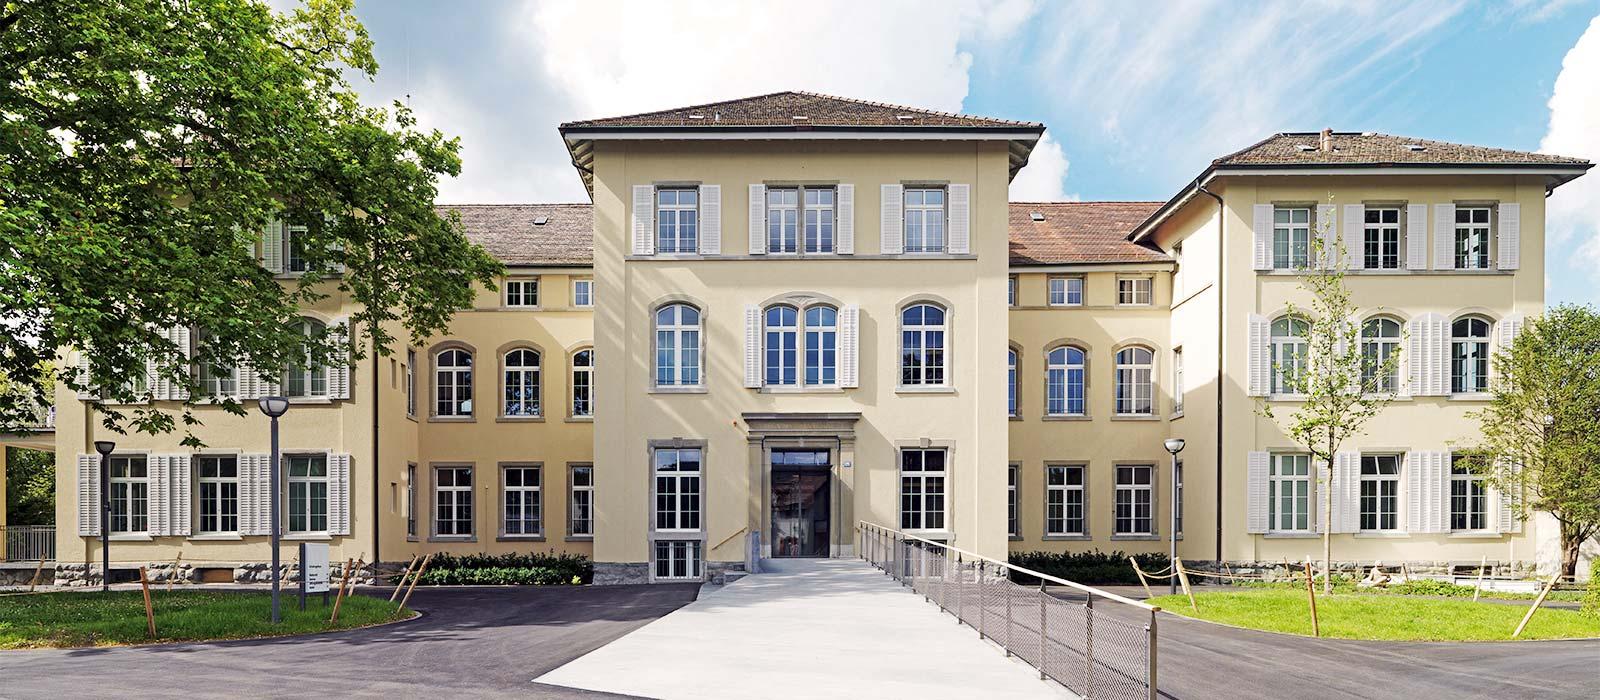 Das Gründungshaus